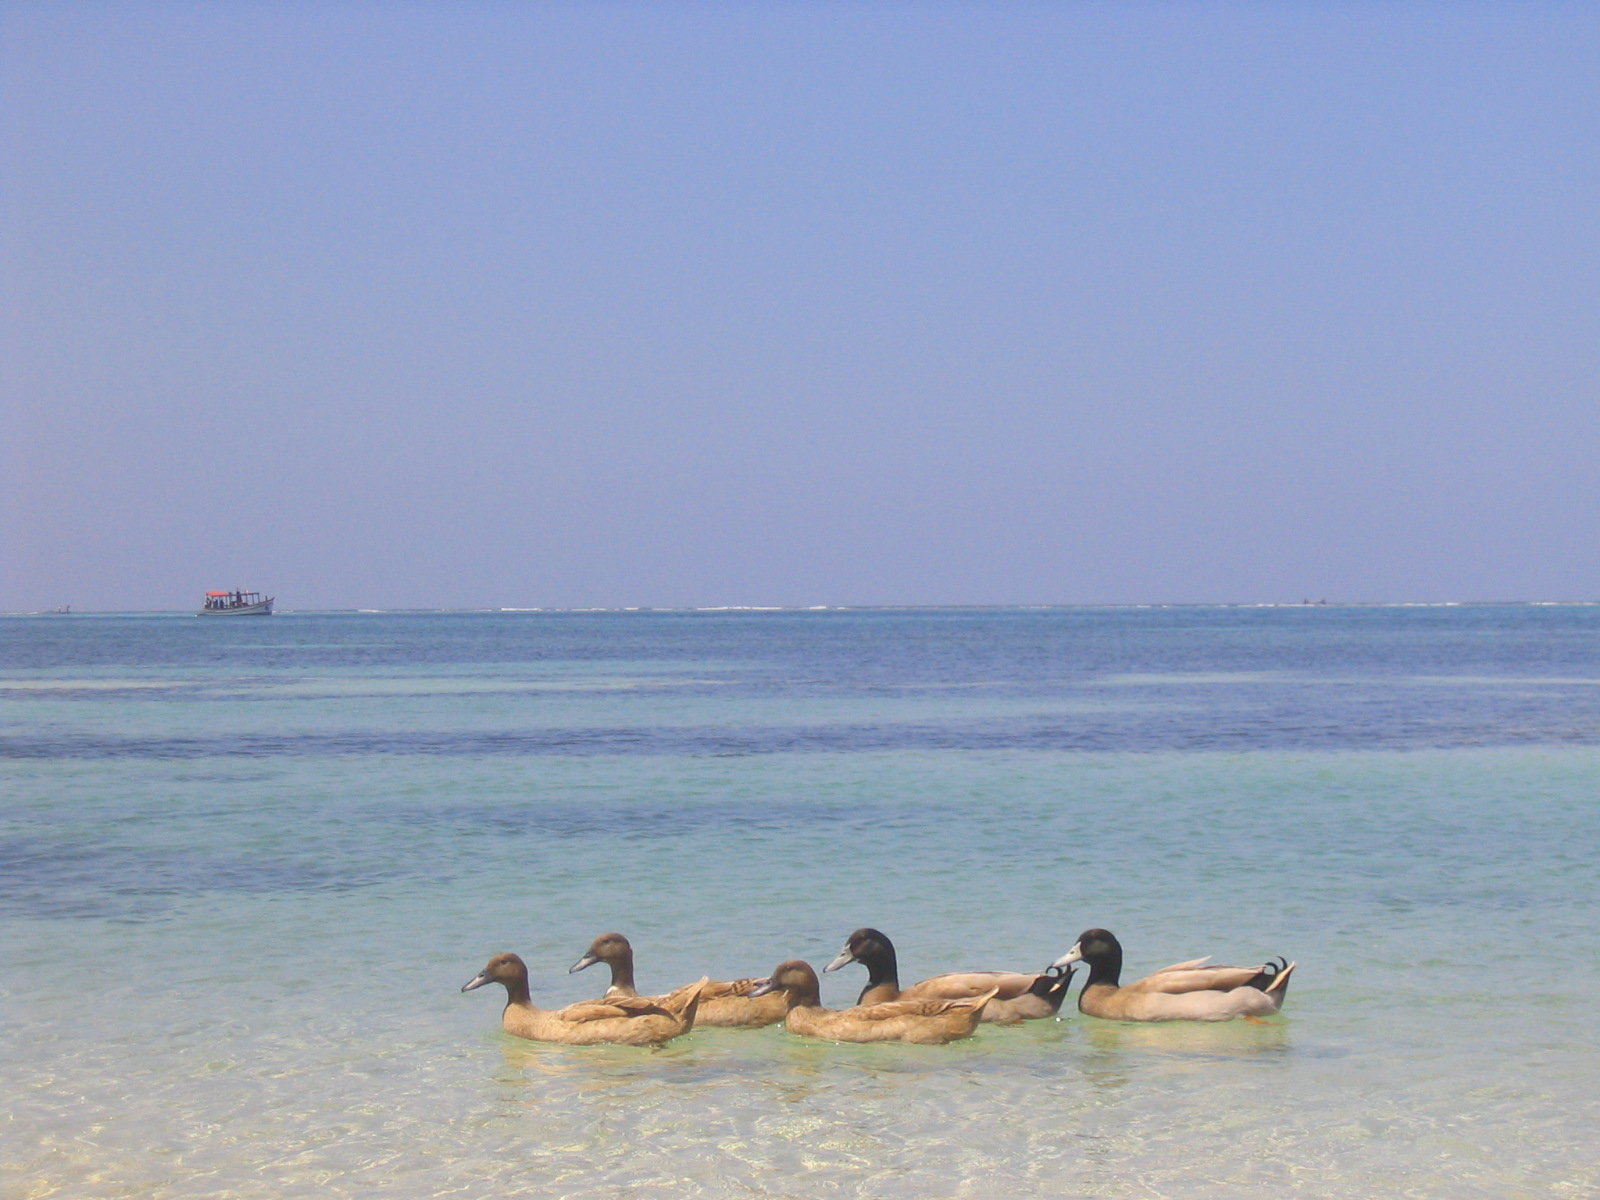 File Ducks On A Beach At Kavaratti Lakshadweep Jpg